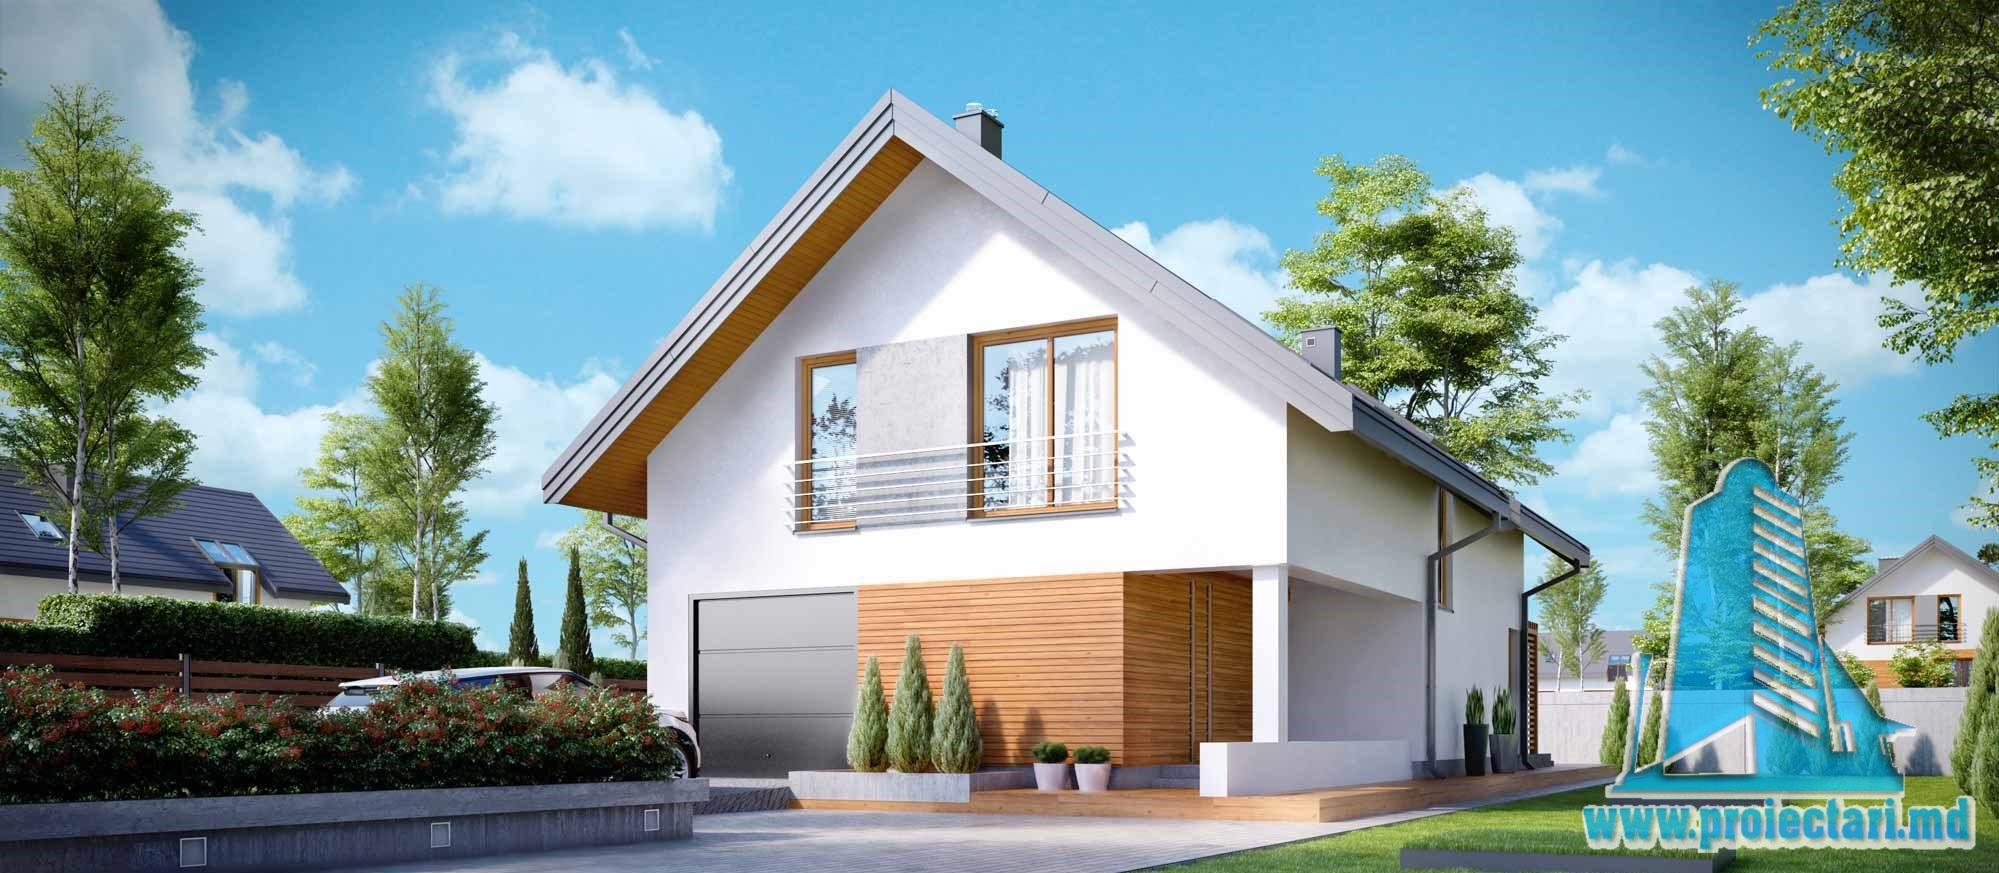 Casa cu parter, mansarda si garaj pentru un automobil-248 m2-101049